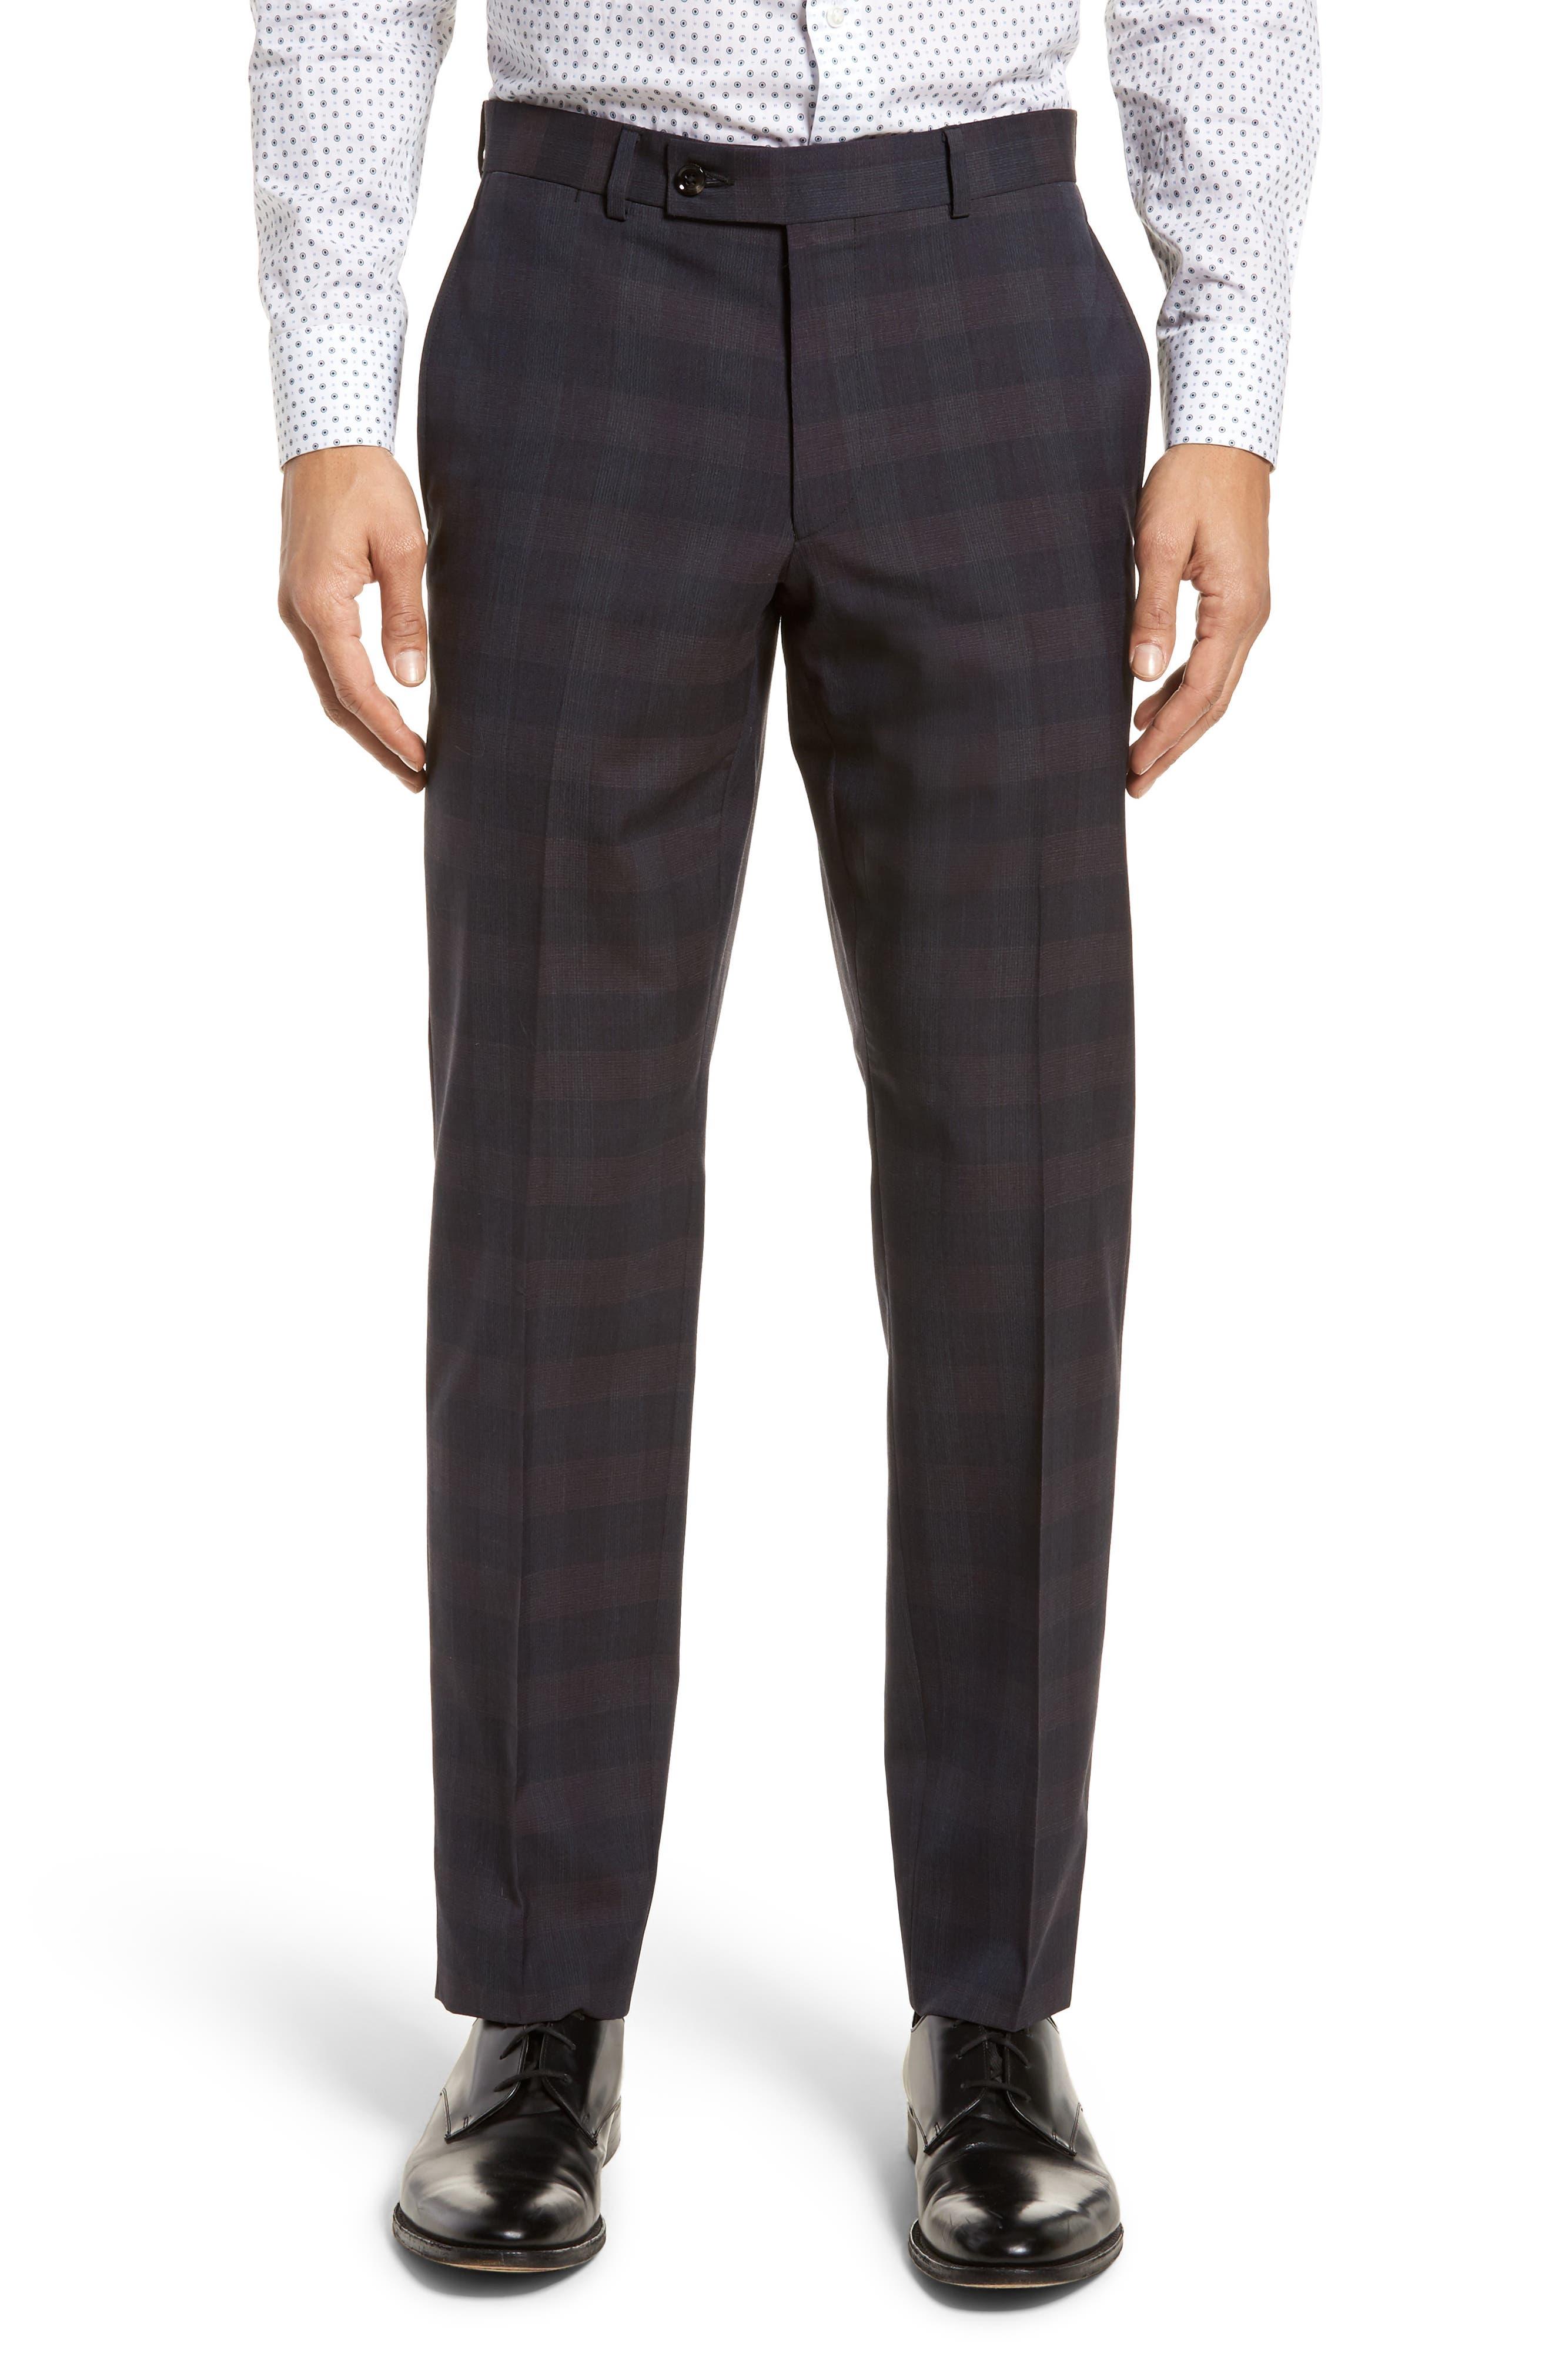 Jay Trim Fit Plaid Wool Suit,                             Alternate thumbnail 7, color,                             Black